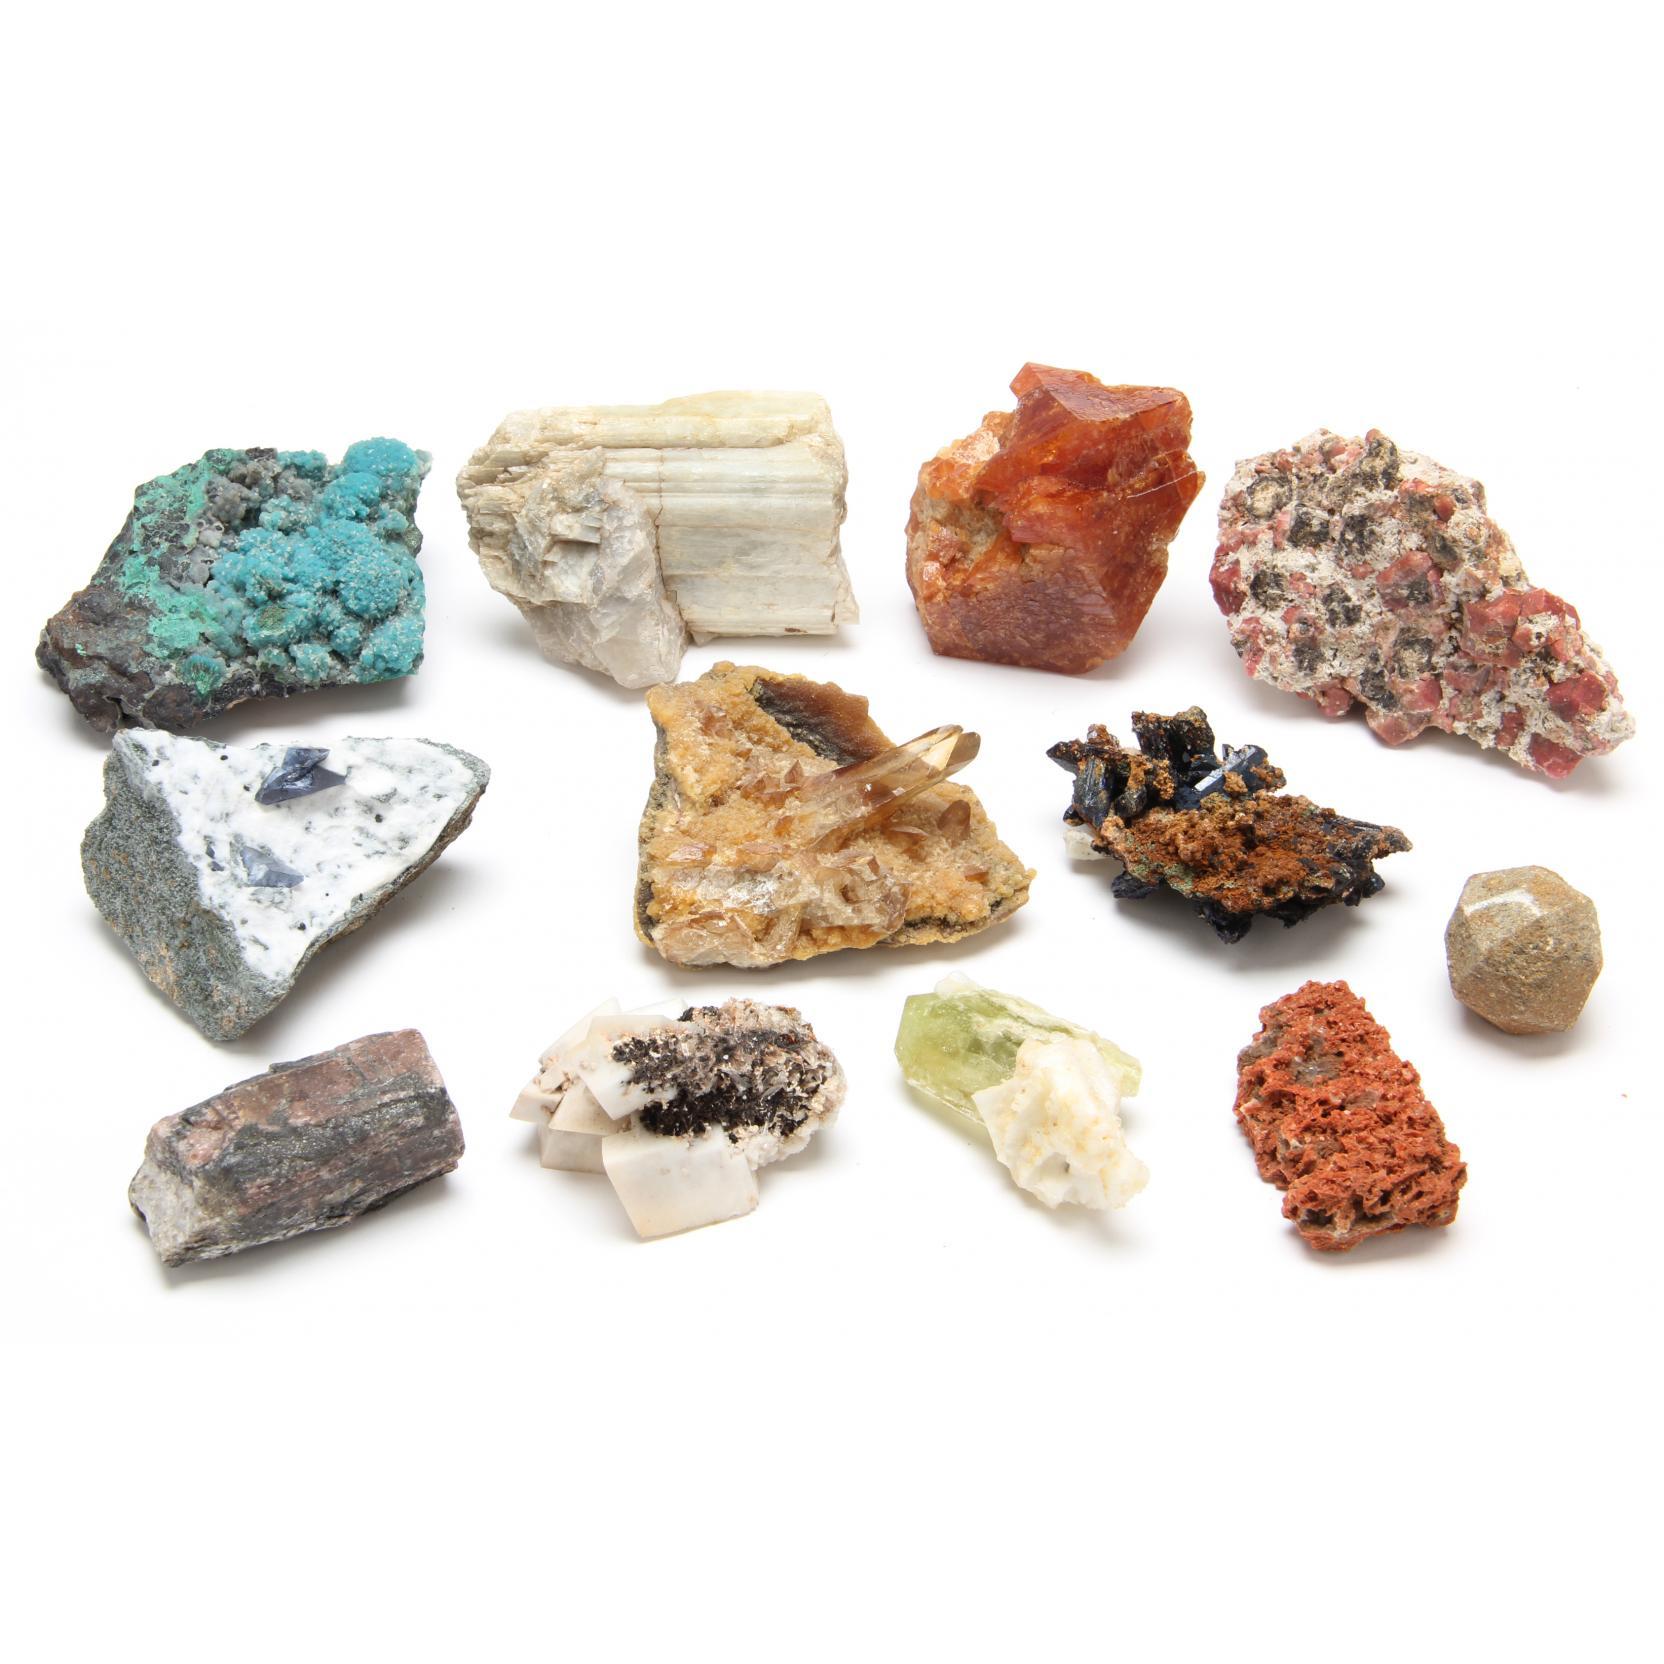 twelve-mostly-unidentified-minerals